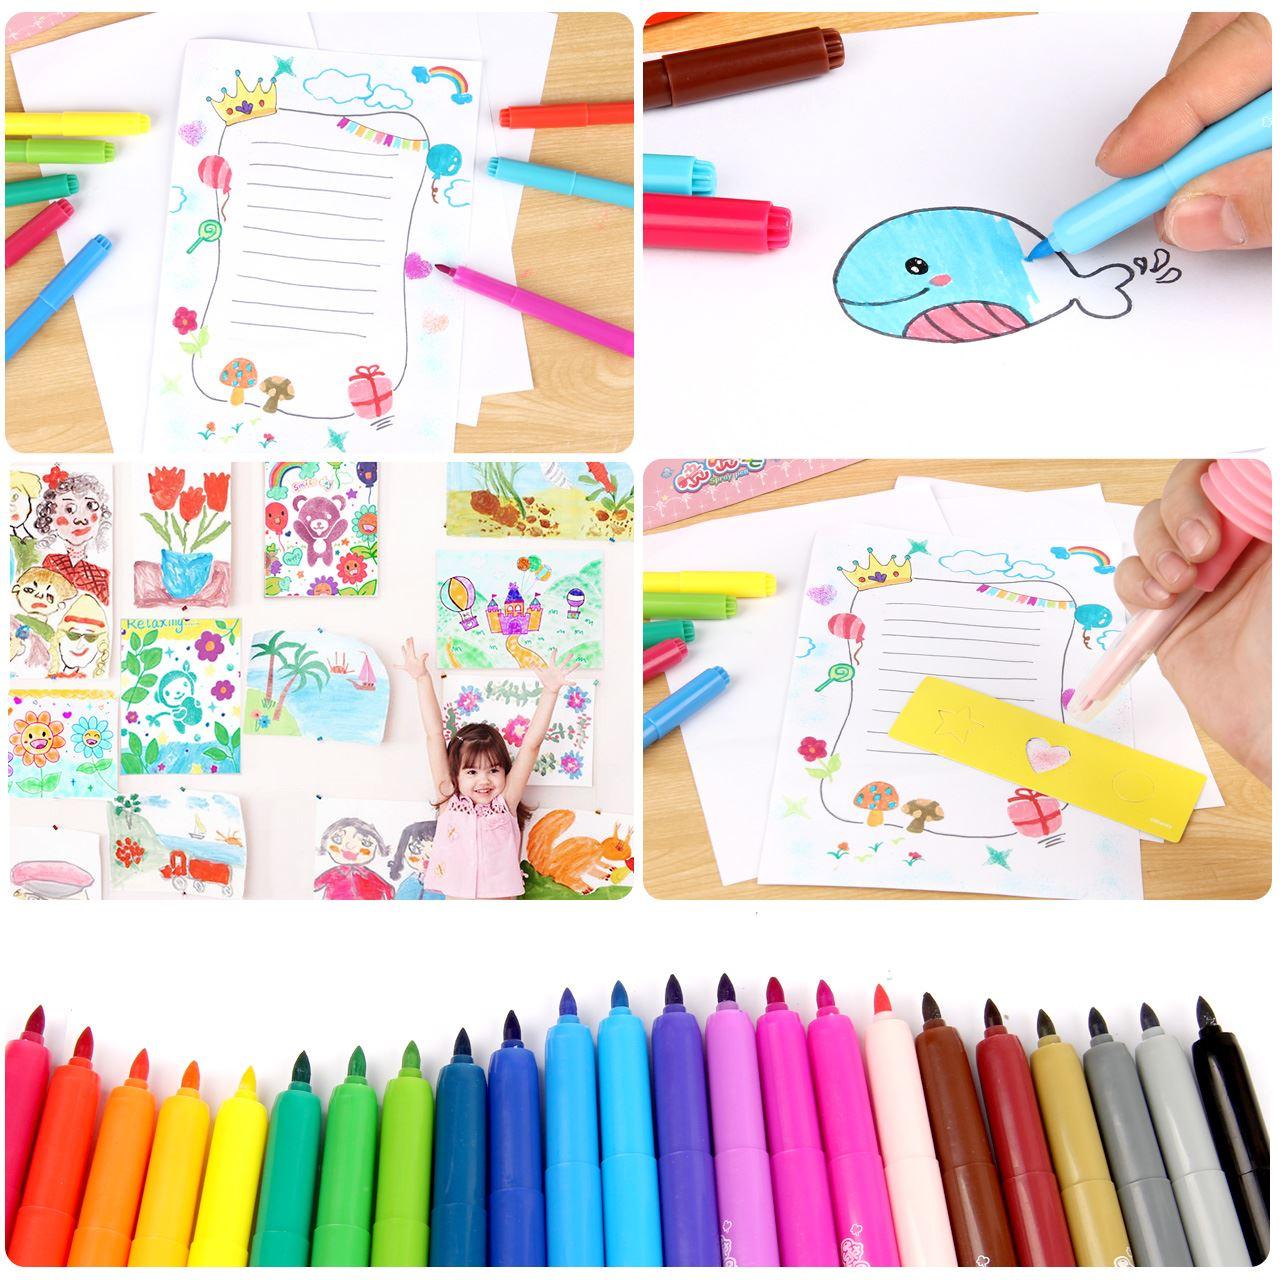 喷喷笔 12色儿童女孩diy娃娃公主小学生水彩笔绘画套装 - 图3